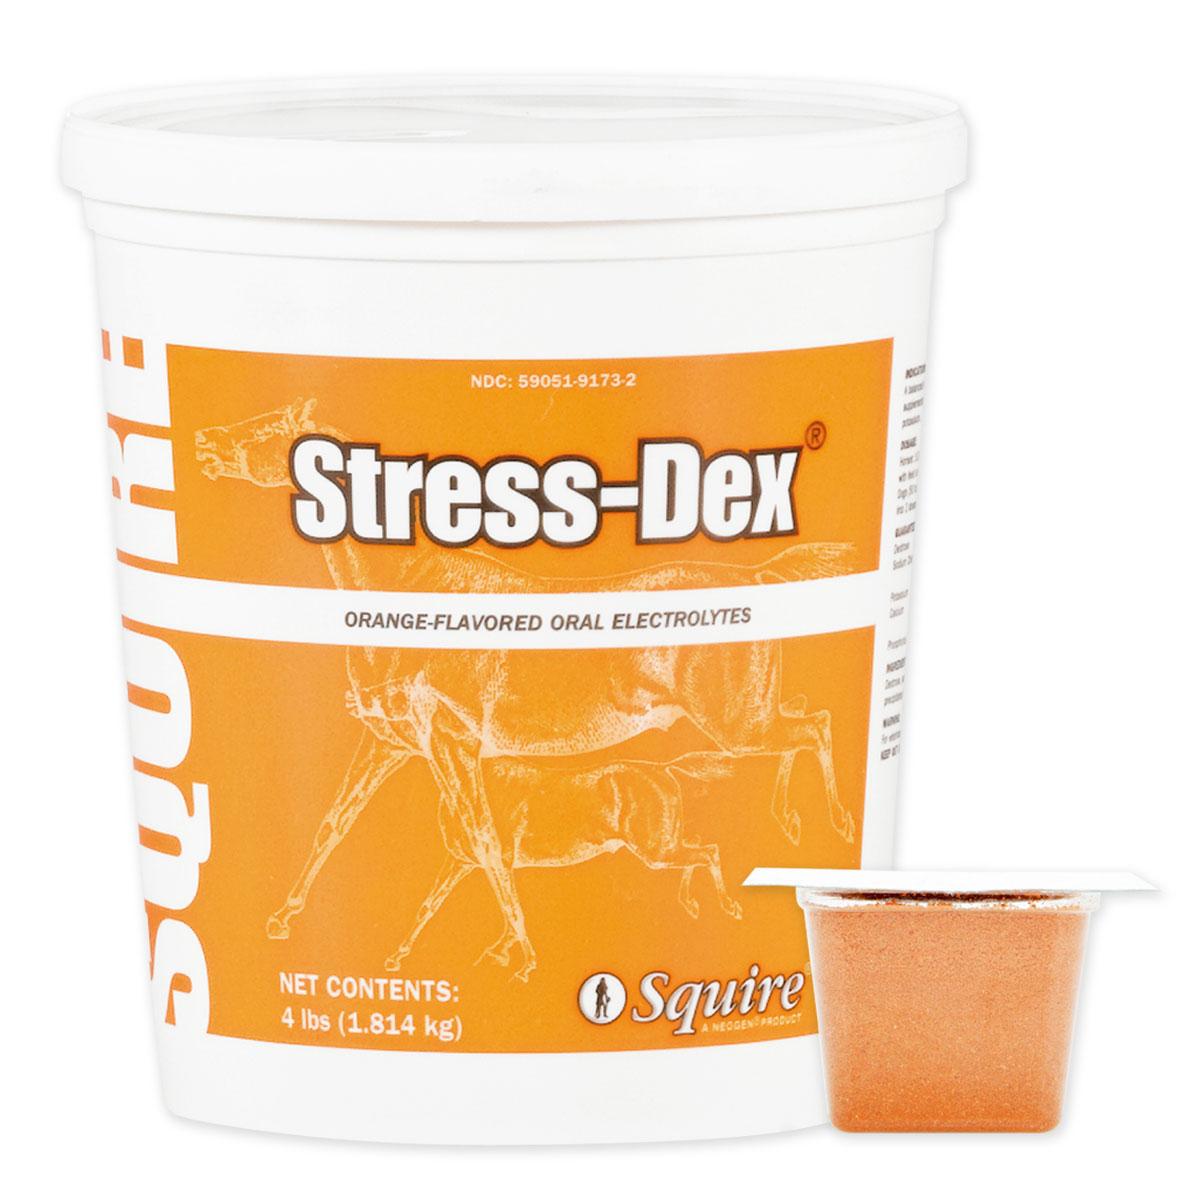 Stress-Dex